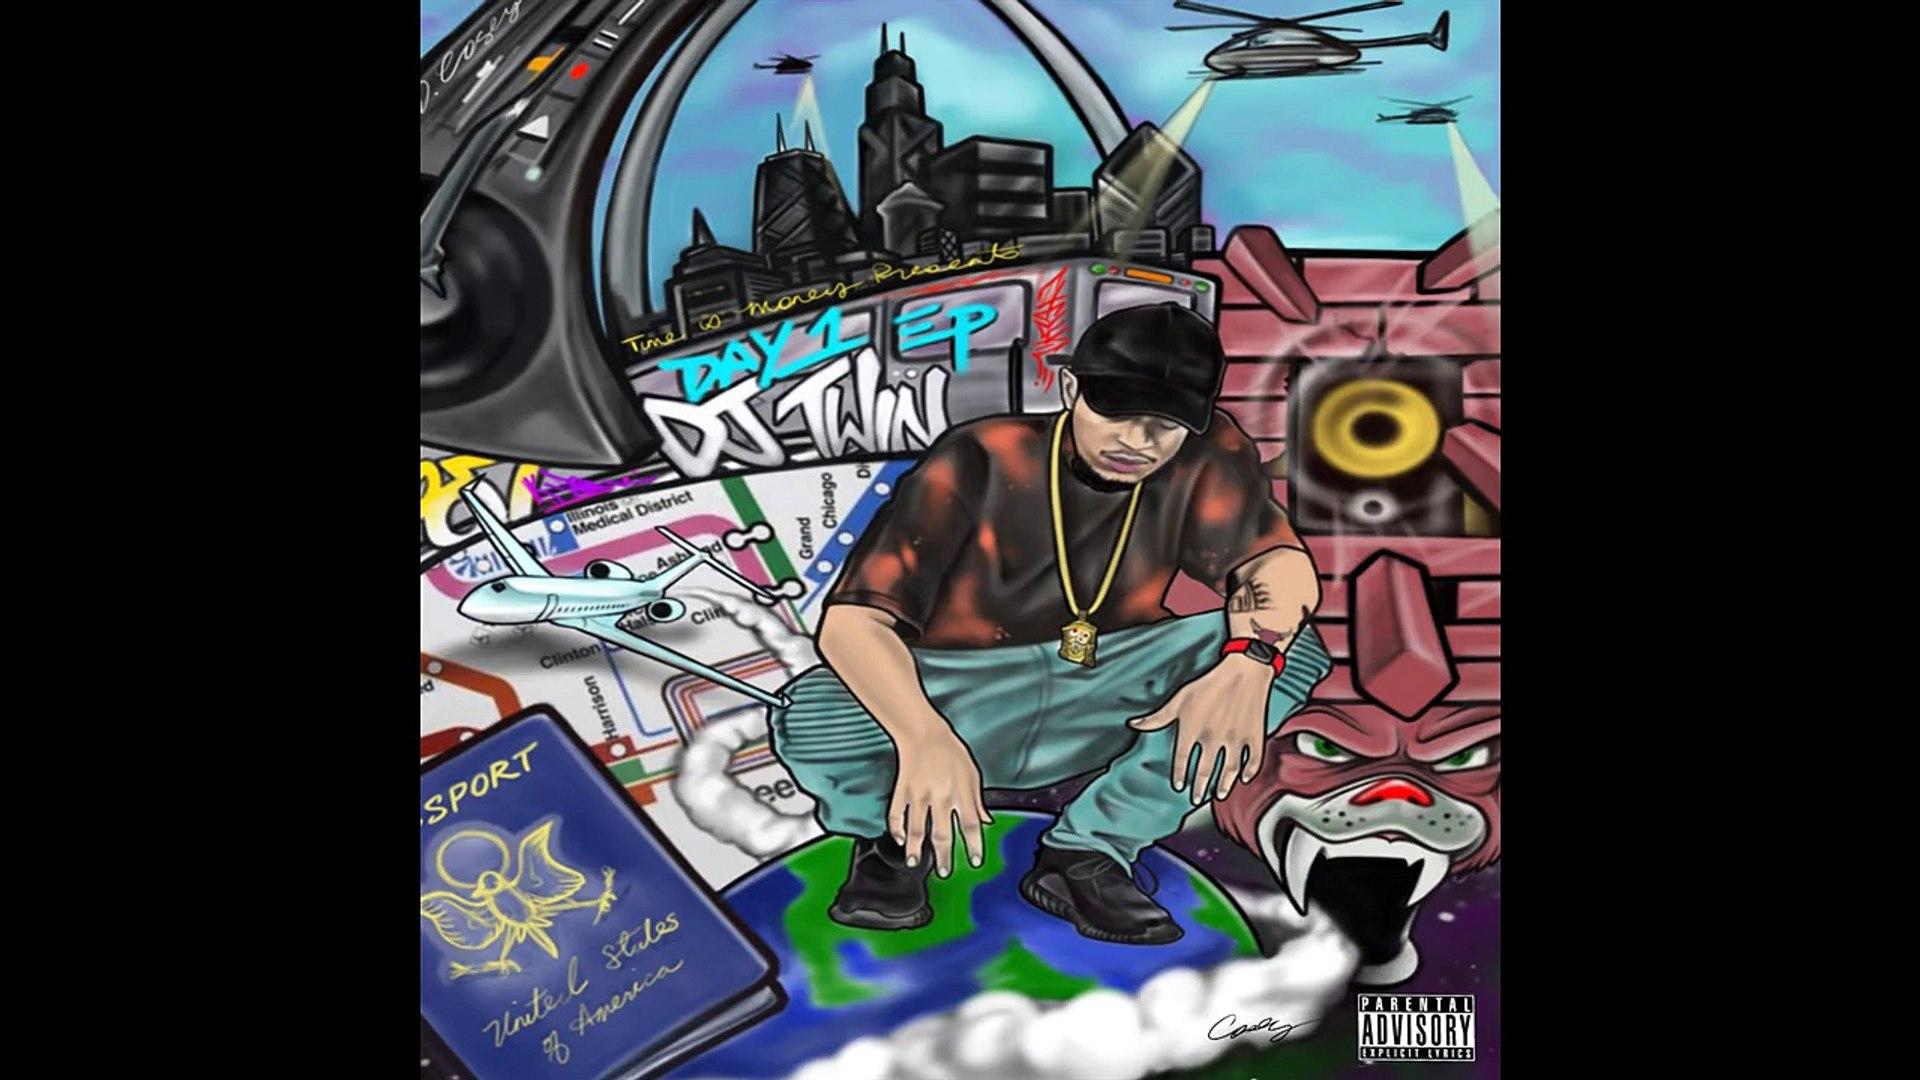 DJ Twin - Honoroll Feat Sean Kingston, Famous Dex & Lil Yachty (Prod By Playboy Shawty)